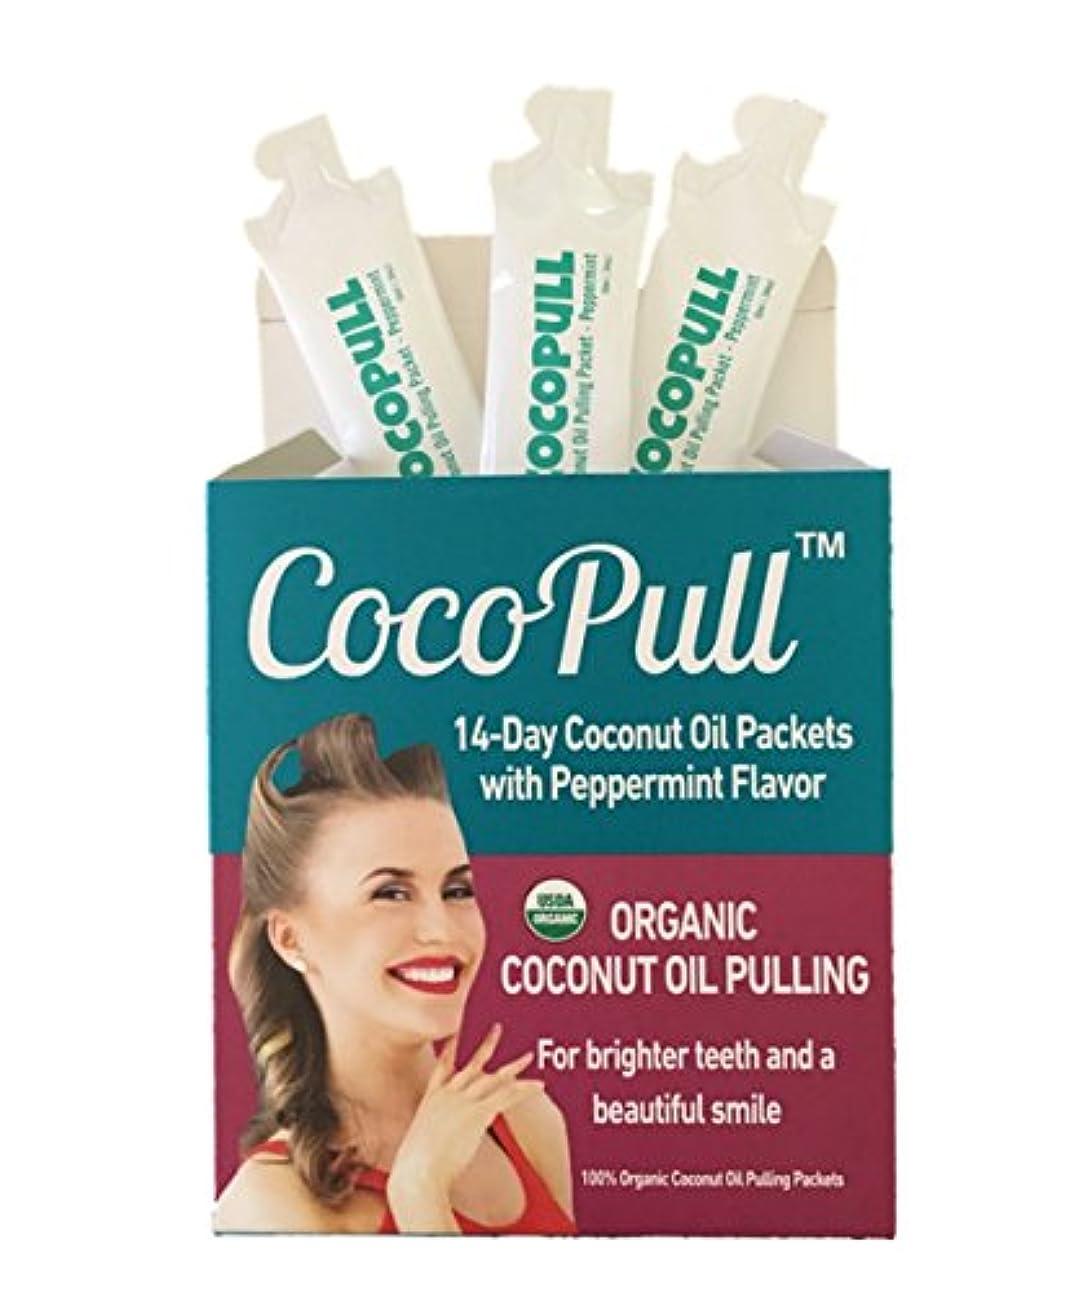 テーブル遠近法ファイアルAVIVA PURE CocoPull Organic ココナッツオイル Pulling Natural Teeth Whitener 14pack